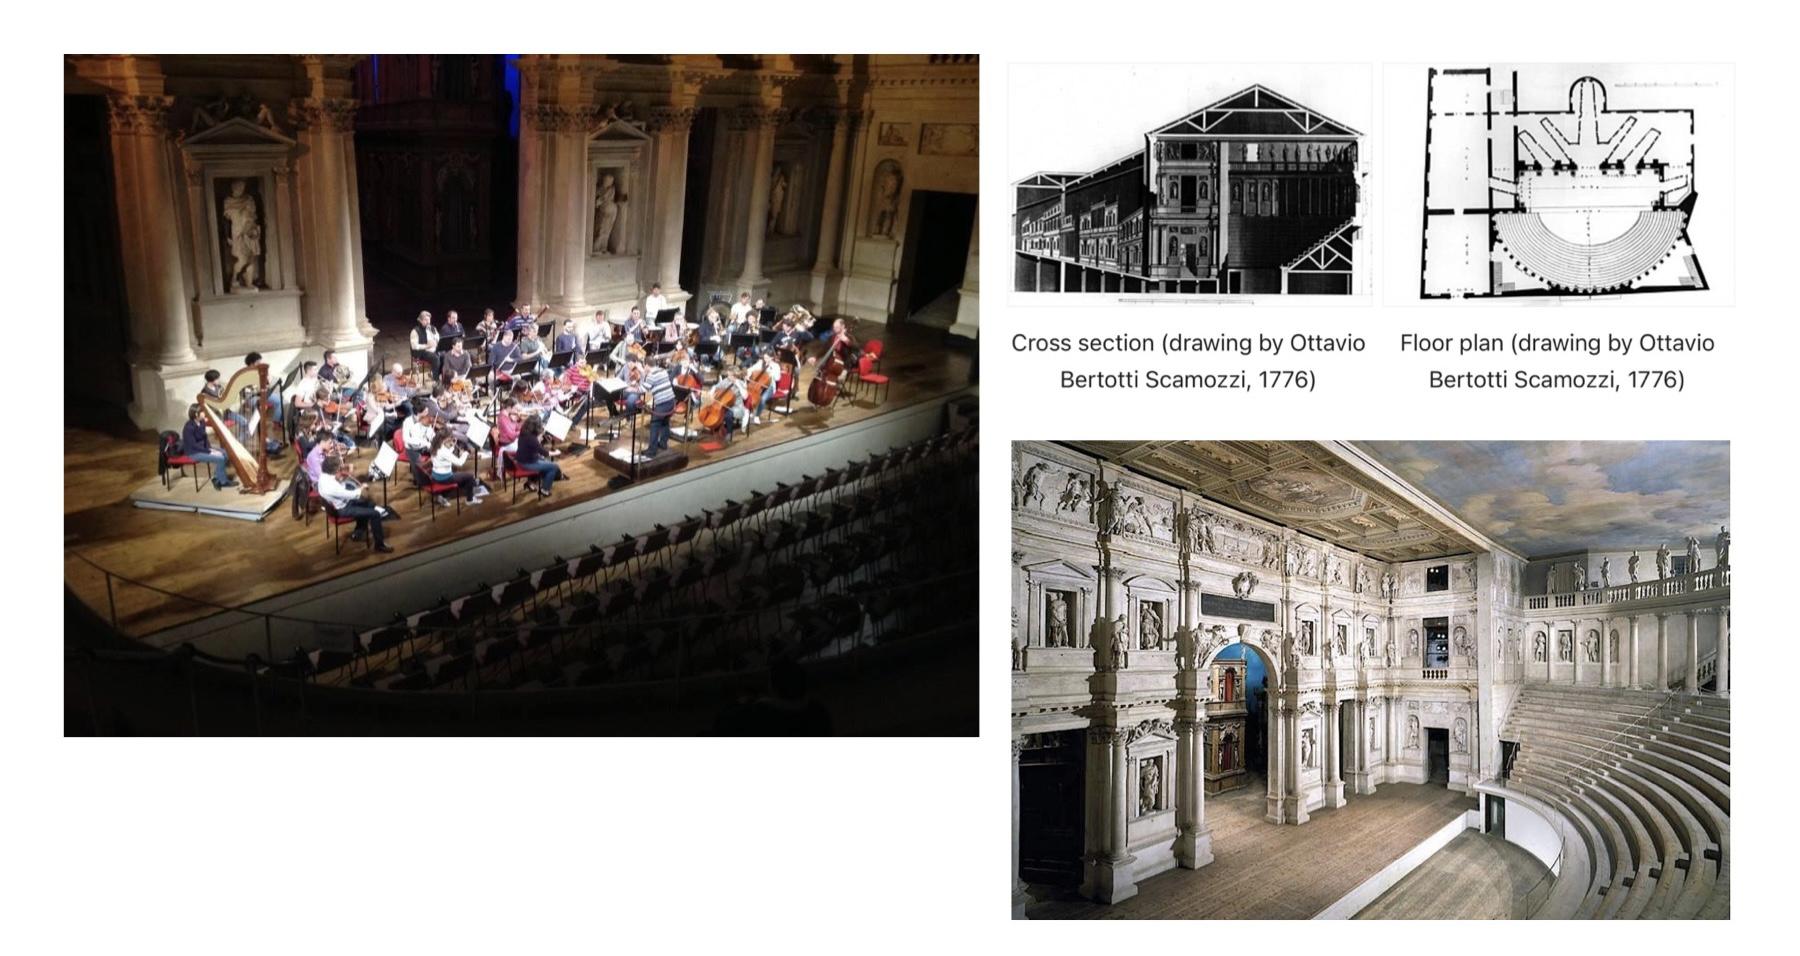 teatro olimpico di Vicenza proporzioni armoniche